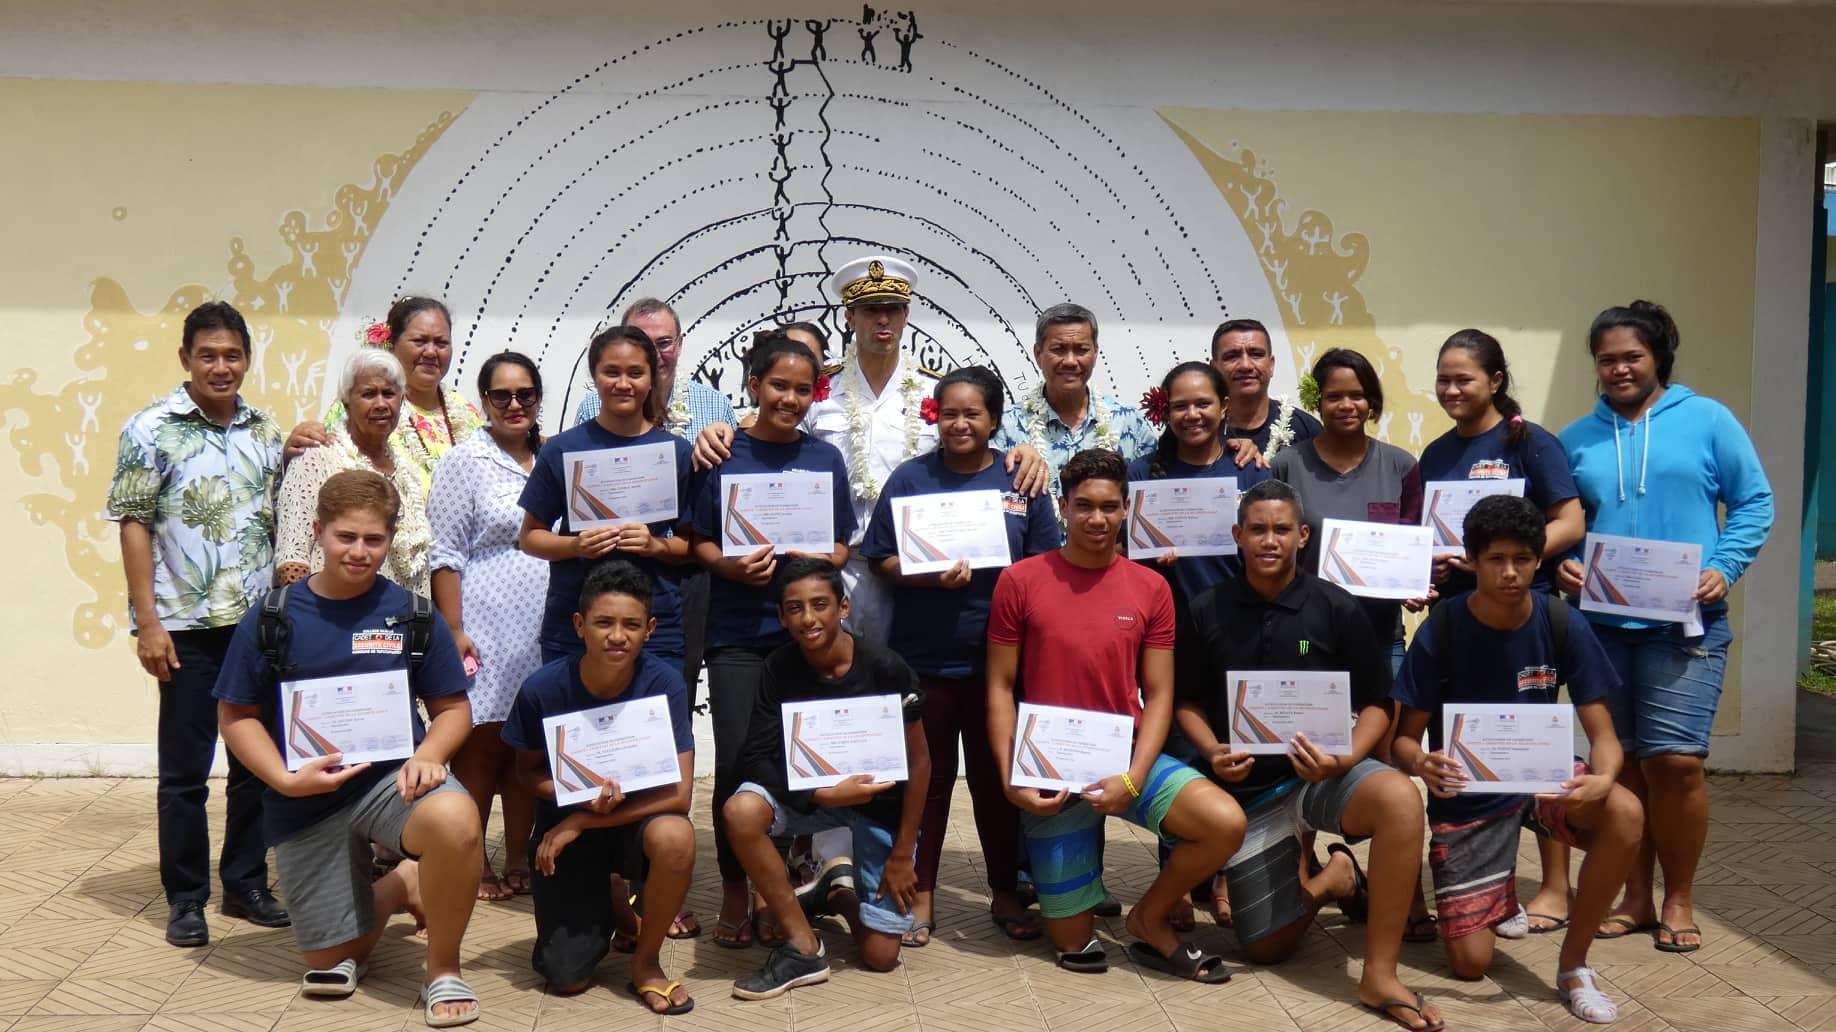 Ces jeunes ont suivi une formation de PSC1 entre octobre 2017 et mai 2018. Ils ont reçu leur diplôme, la semaine dernière, des mains de l'administrateur des Raromatai et des Îles du vent, Raymond Yeddou et du tāvana de Taputapuātea, Thomas Moutame.